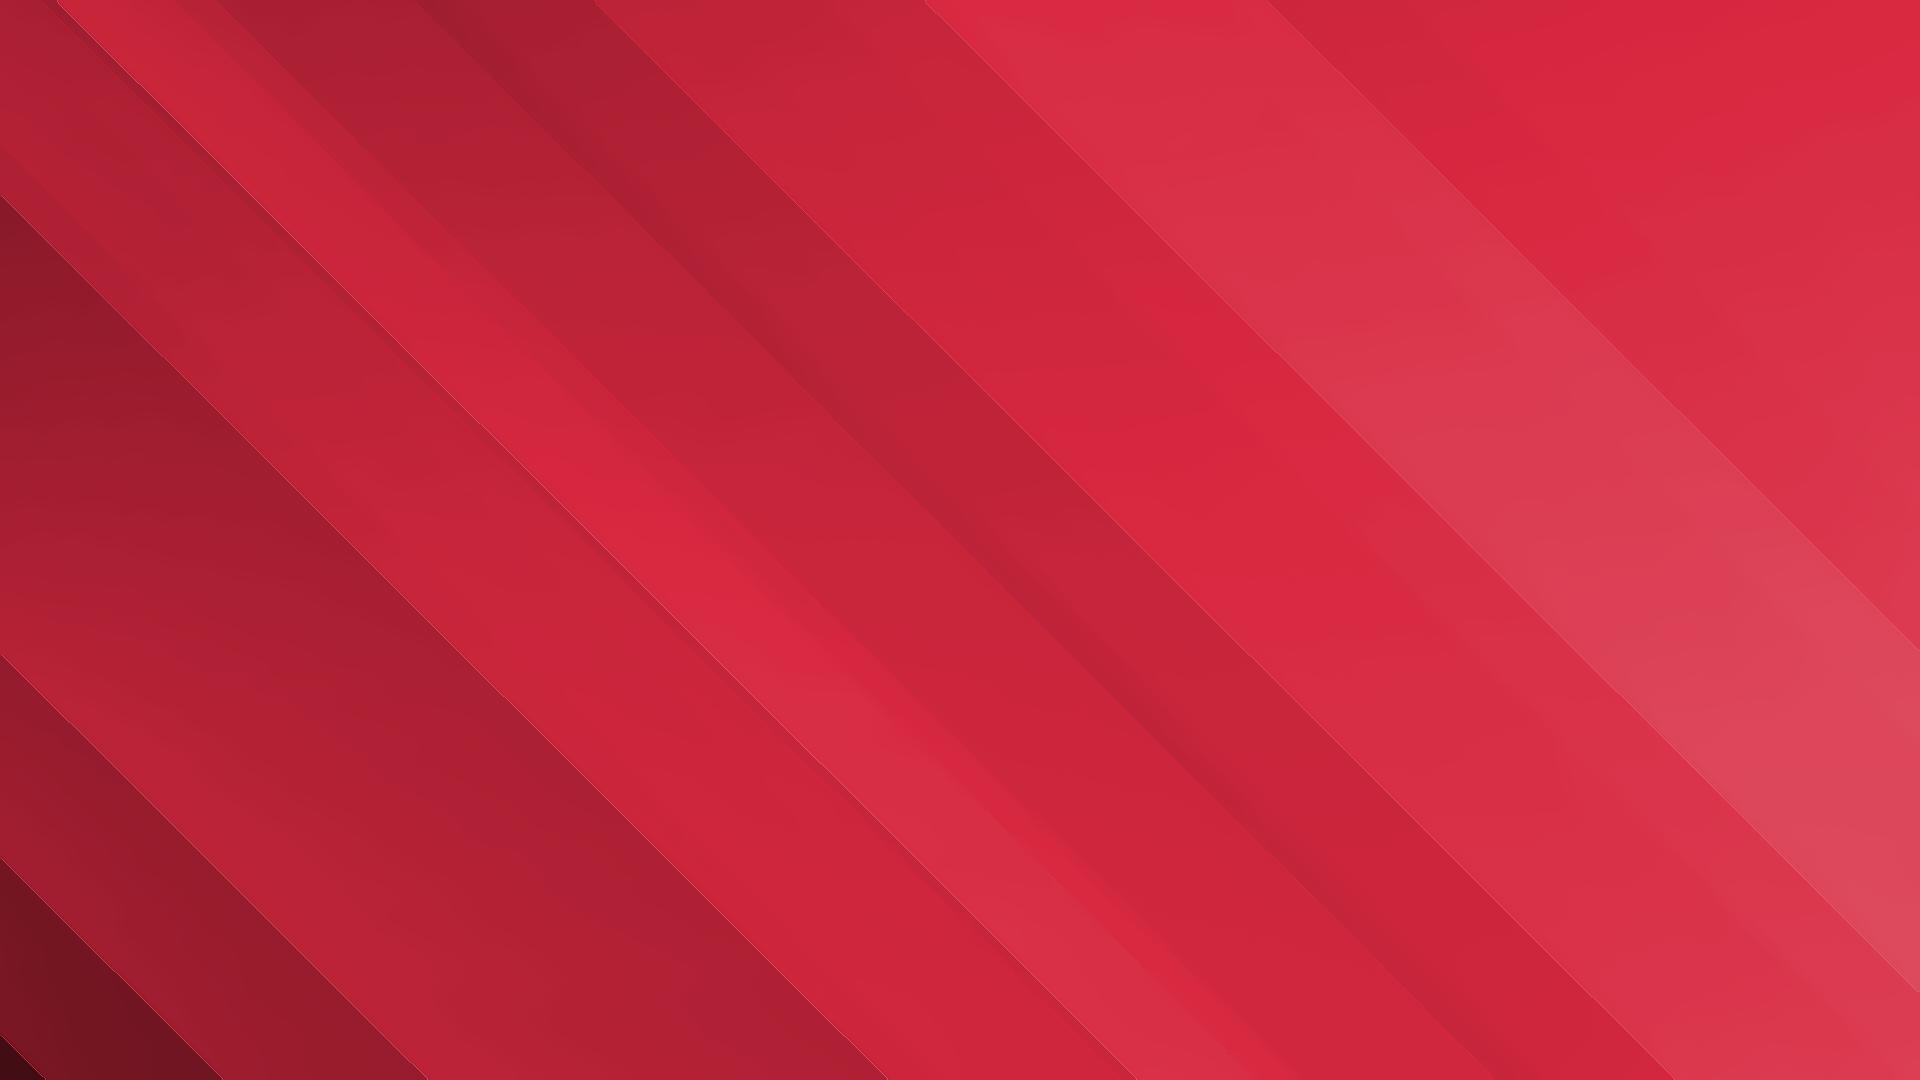 Sfondi Rosso Testo Modello Arancia Struttura Cerchio Linee